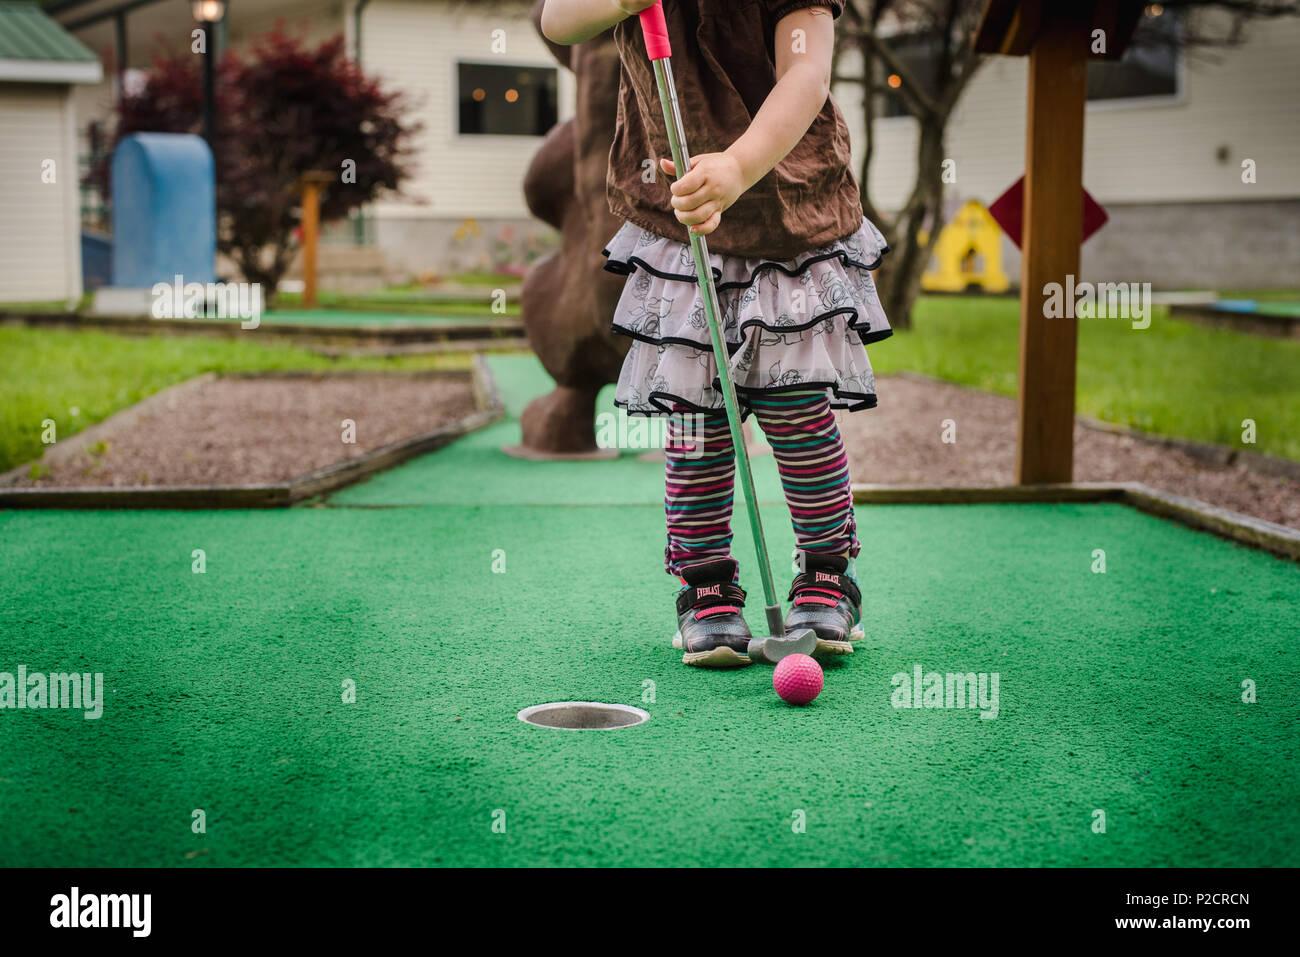 Une jeune fille joue au golf miniature par temps chaud. Photo Stock